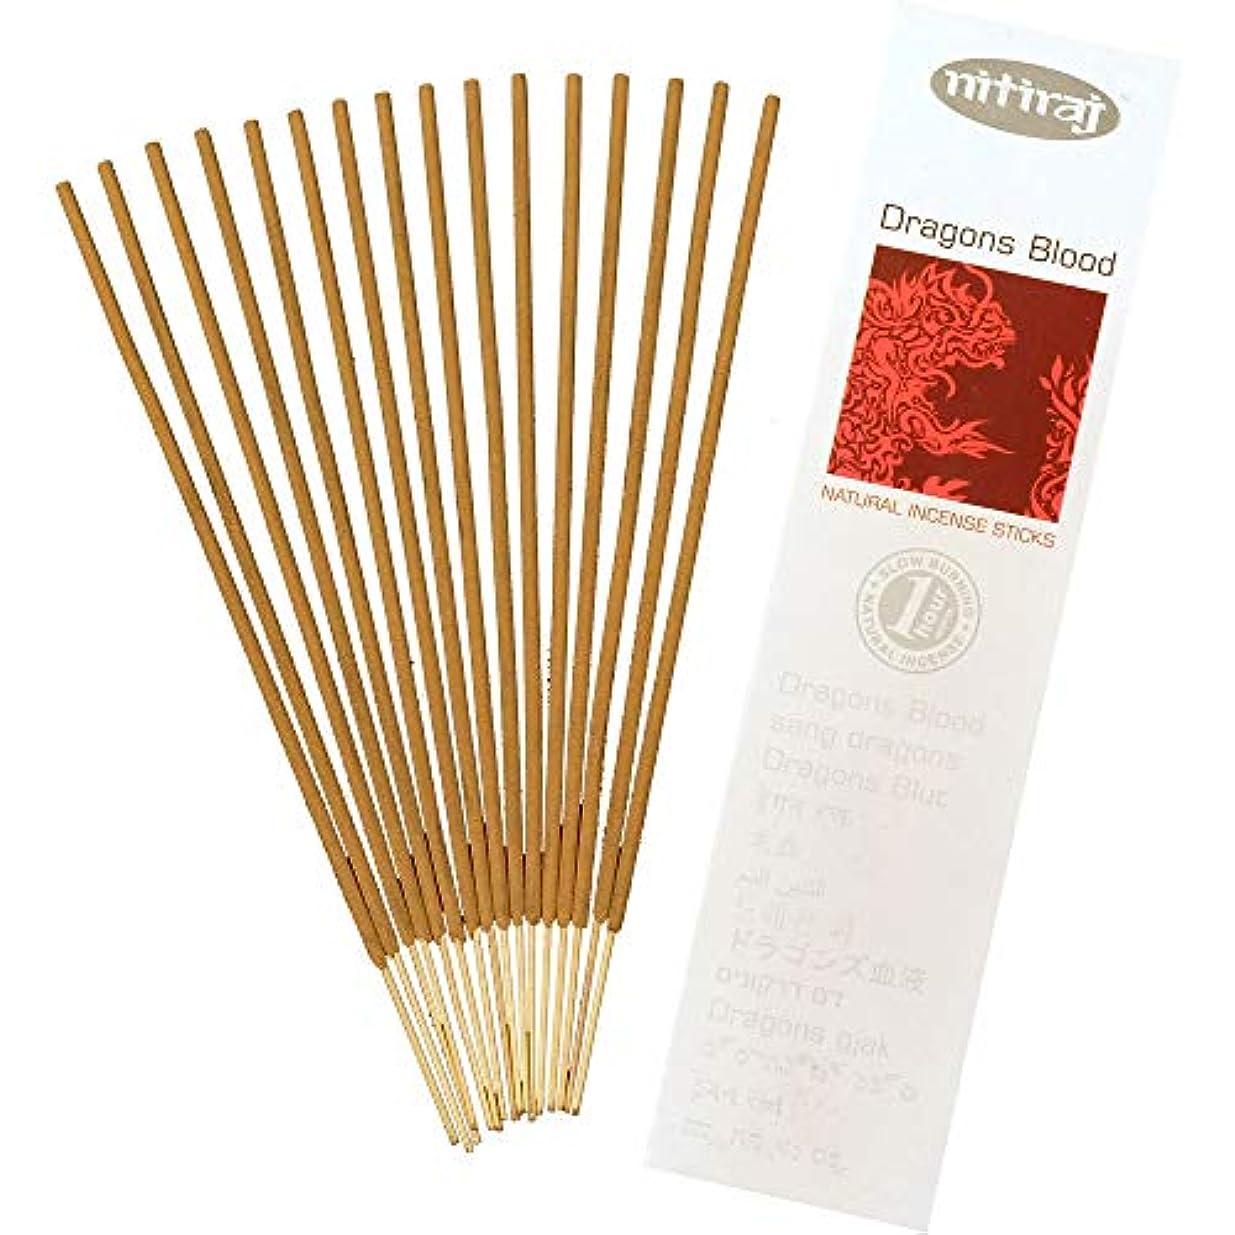 ティームより良いゆりかごNitirajプラチナ天然Incense Sticks Slow Burning 1hr。2パック DRAGONSBLOOD